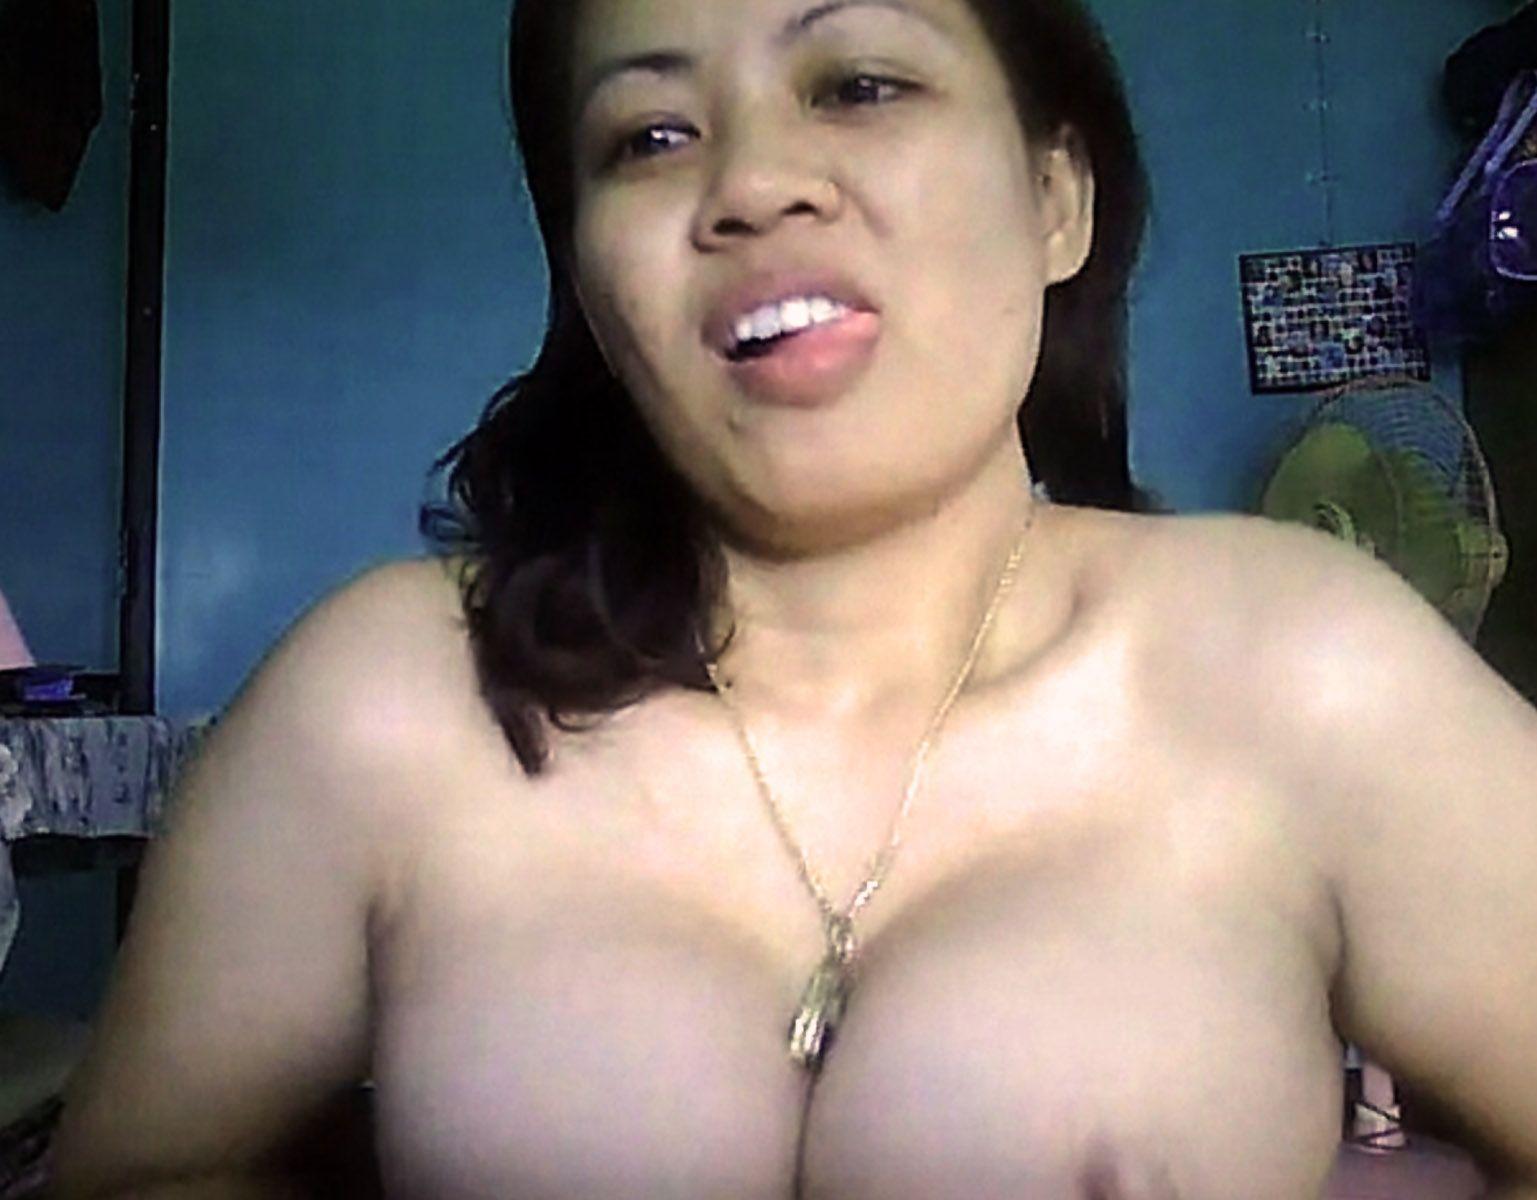 Foto Tante Toket Gede Montok Doyan Koleksi Seksi Nih Mimin Update Terbaru